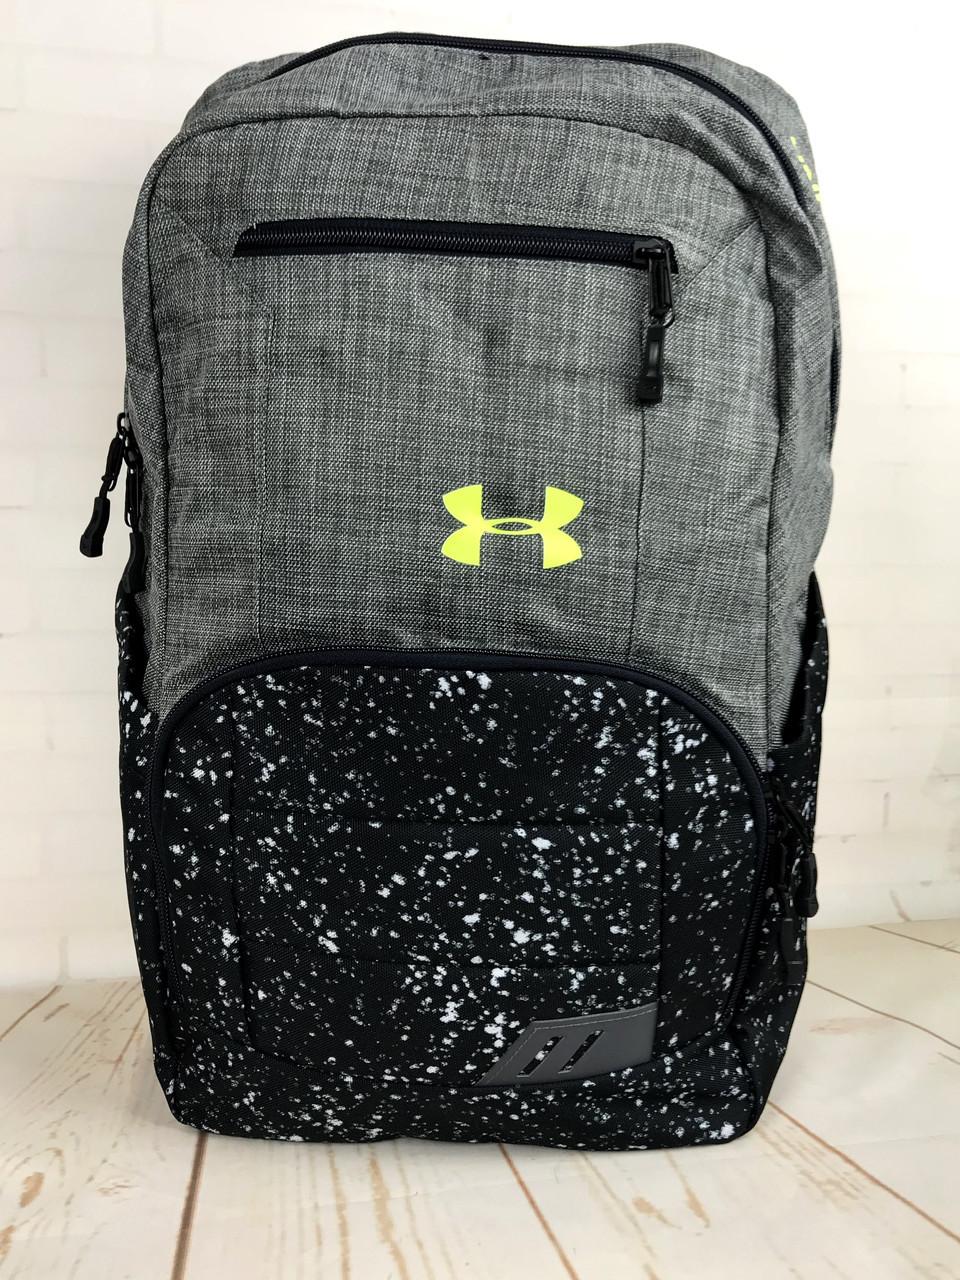 Якісний рюкзак Under Armour. Спортивний рюкзак. Стильні рюкзаки. Якісні рюкзаки.